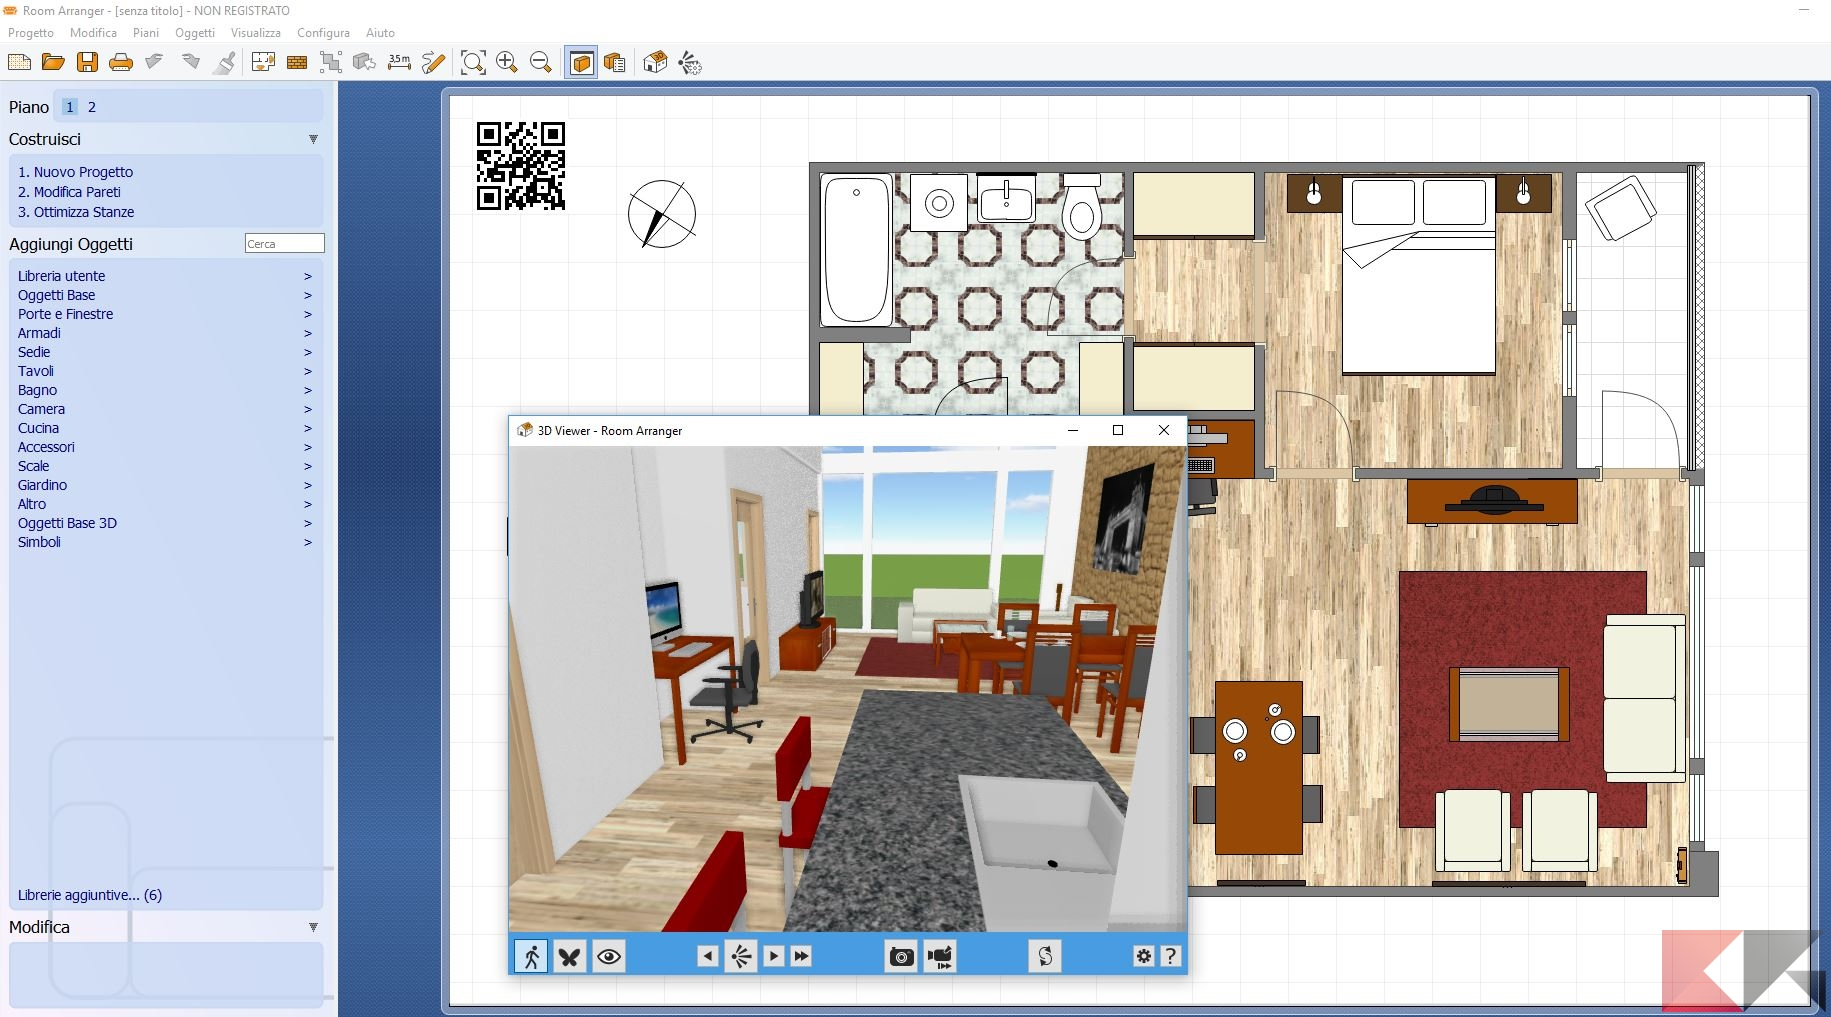 I migliori programmi per arredare casa chimerarevo for Programma in 3d per arredare casa gratis